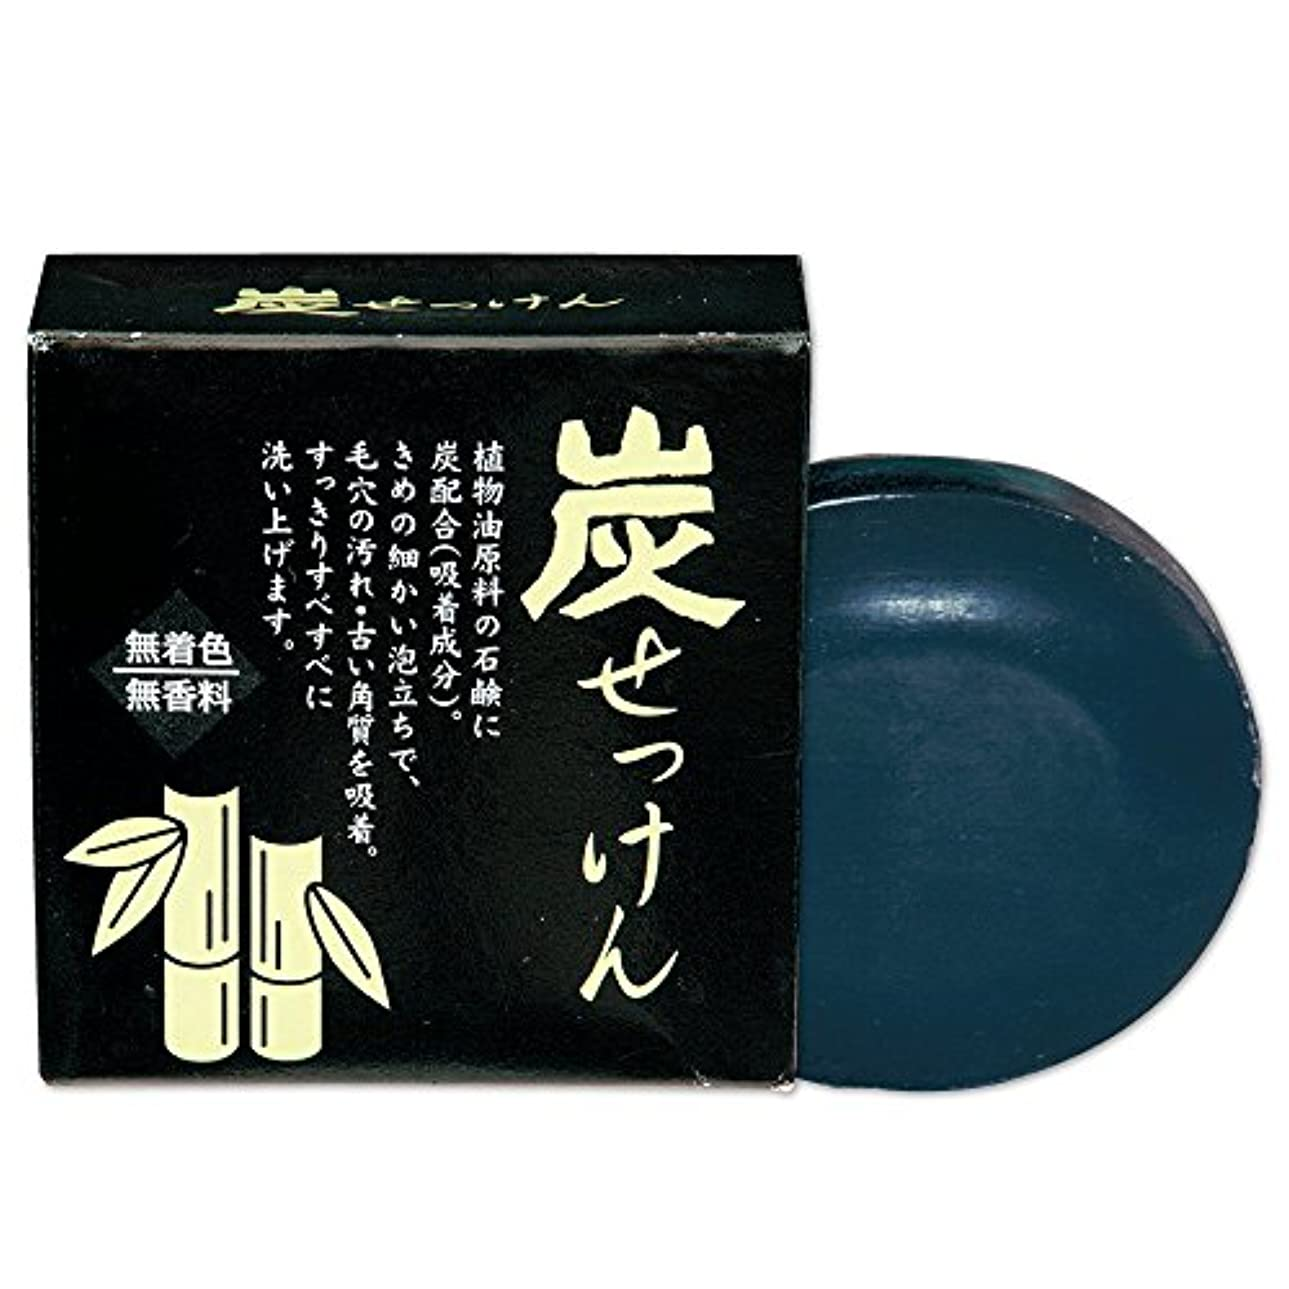 竹炭の里 炭せっけん 無香料 無着色 100g 累計販売100万個突破の人気商品。